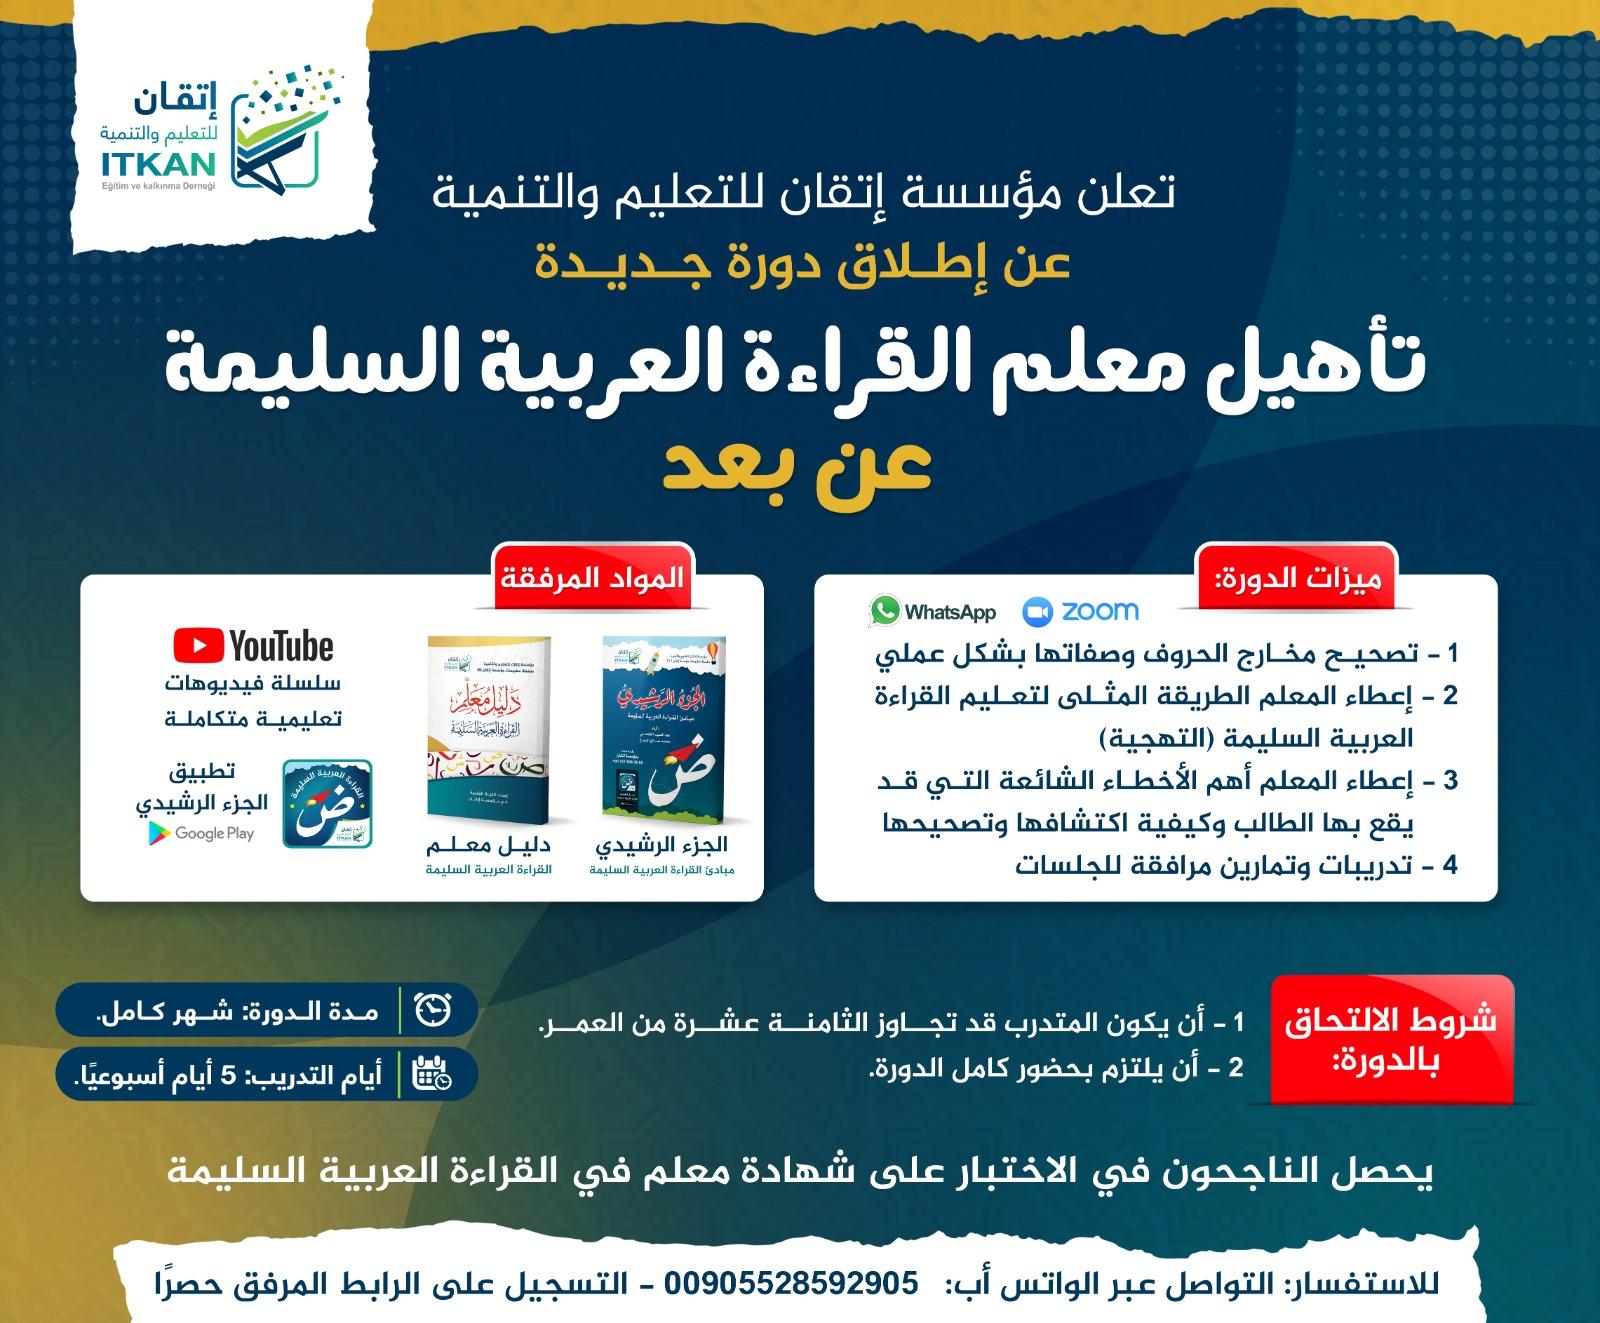 دورة تأهيل معلم القراءة العربية السليمة (الجزء الرشيدي) عن بعد